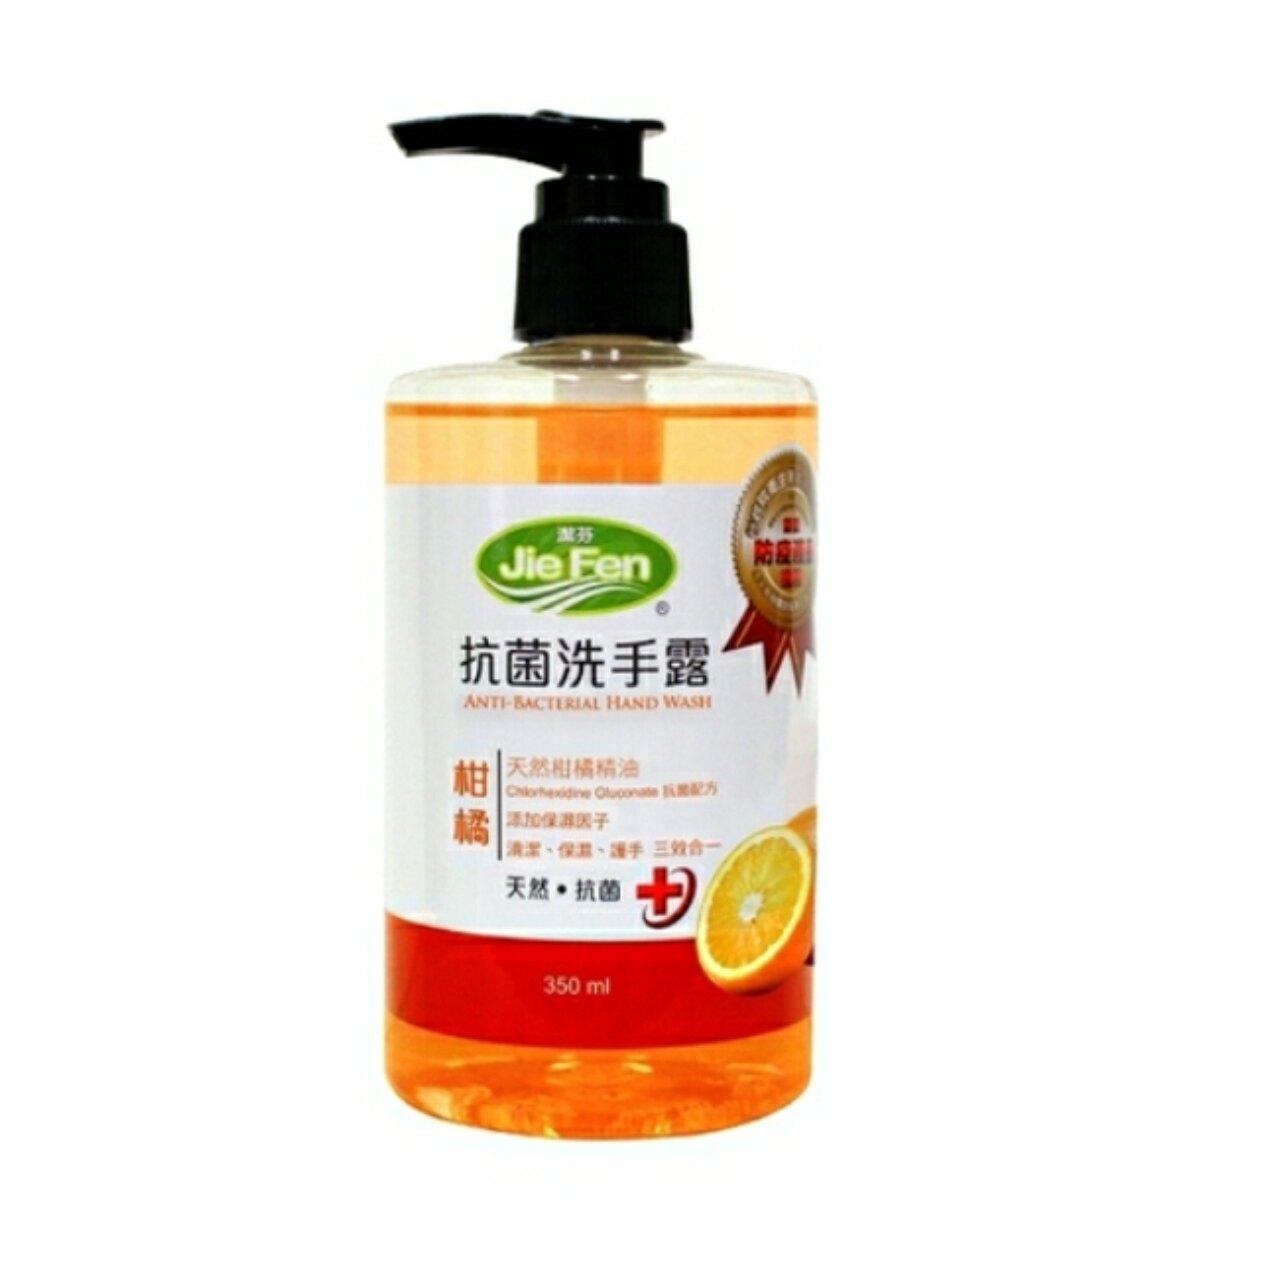 【Jie Fen潔芬】抗菌洗手露-350ml(柑橘)